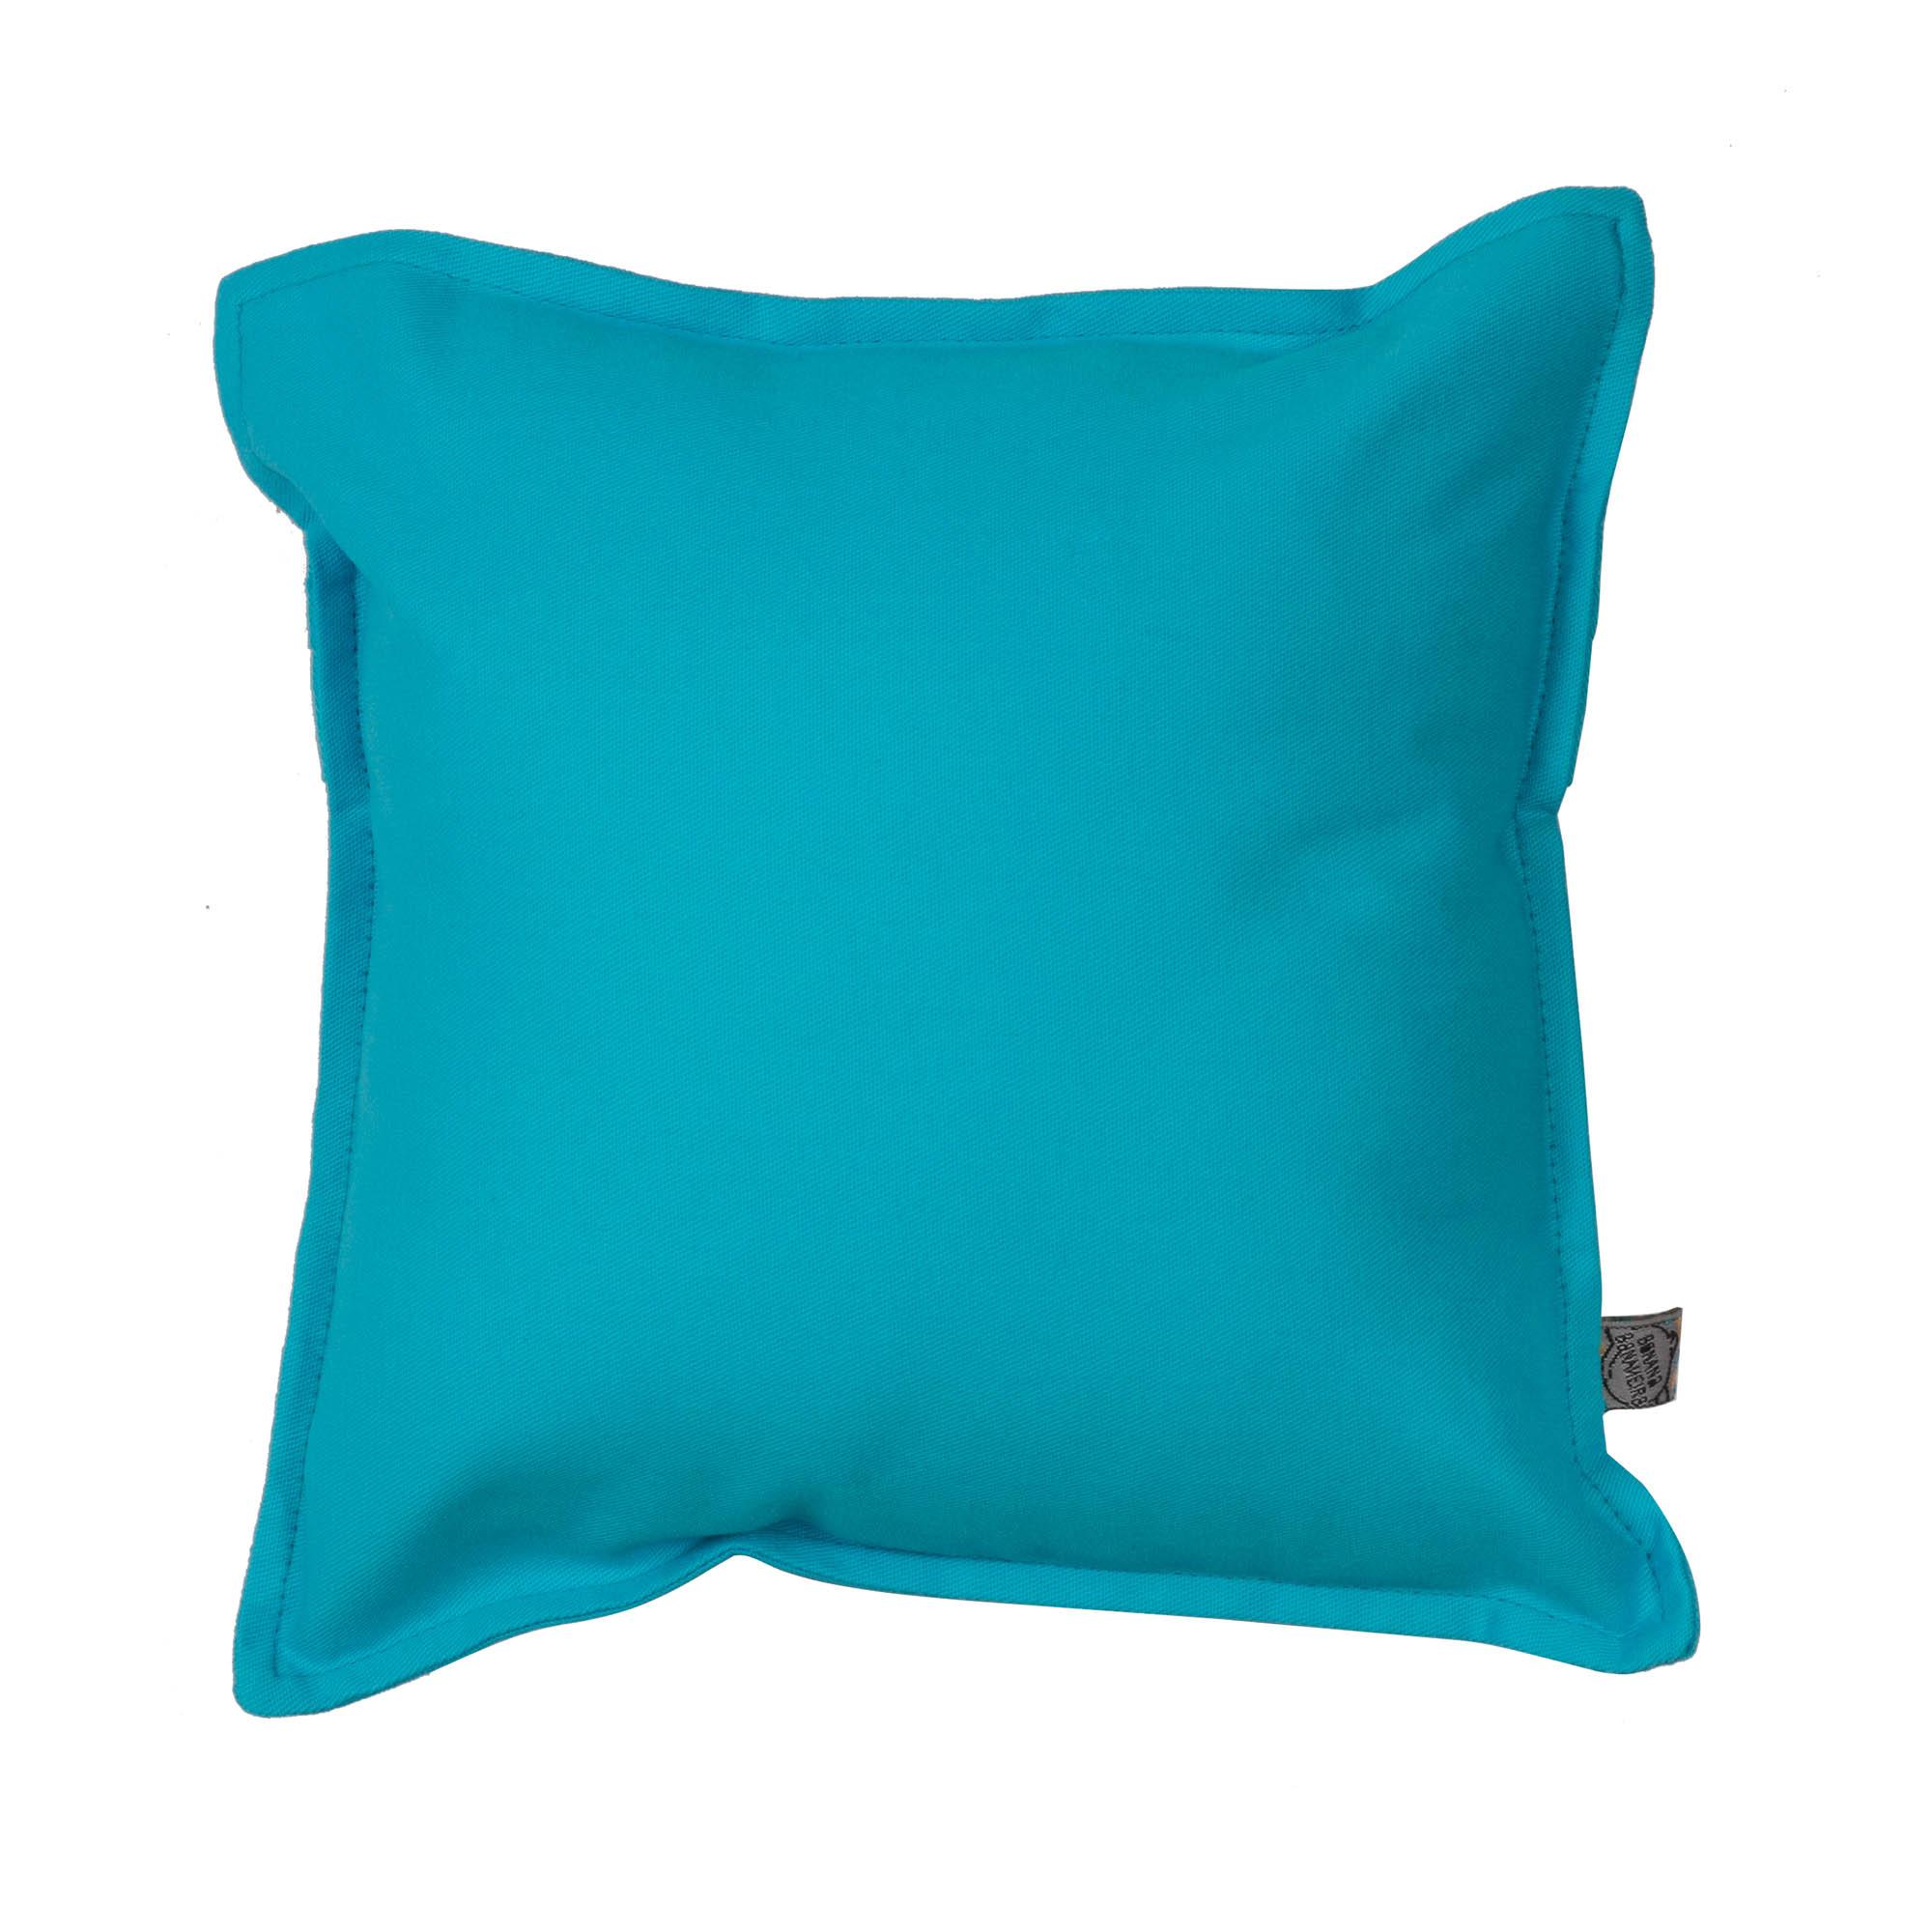 Almofada em pesponto 25 cm x 25 cm azul turquesa